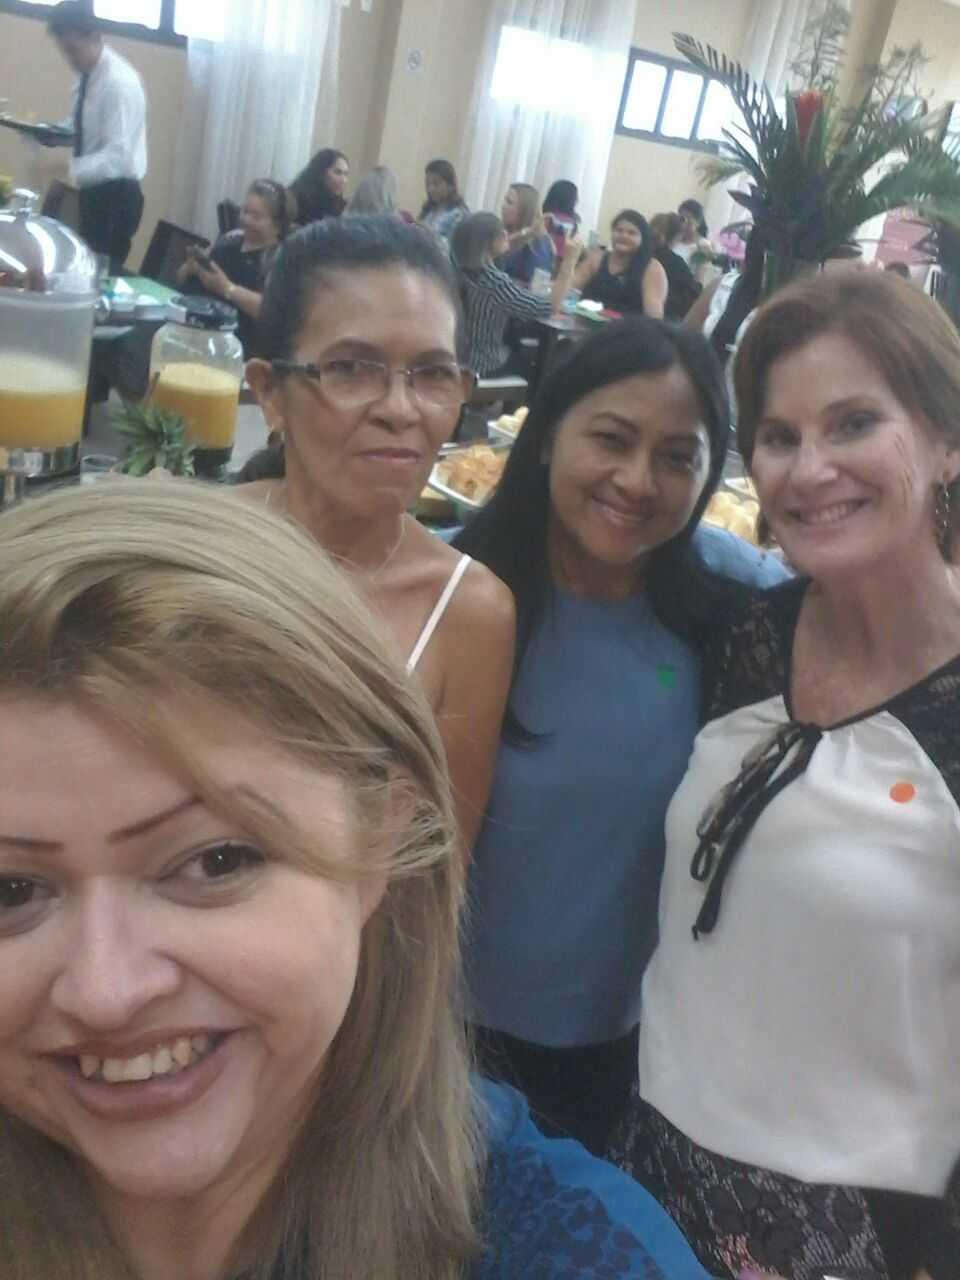 Ana Maria Melo (Jussara Melo) 15 anos, Zuila Rodrigues 16 anos, Ivanilde Albuquerque 20 anos e Neide Fugolari 10 anos